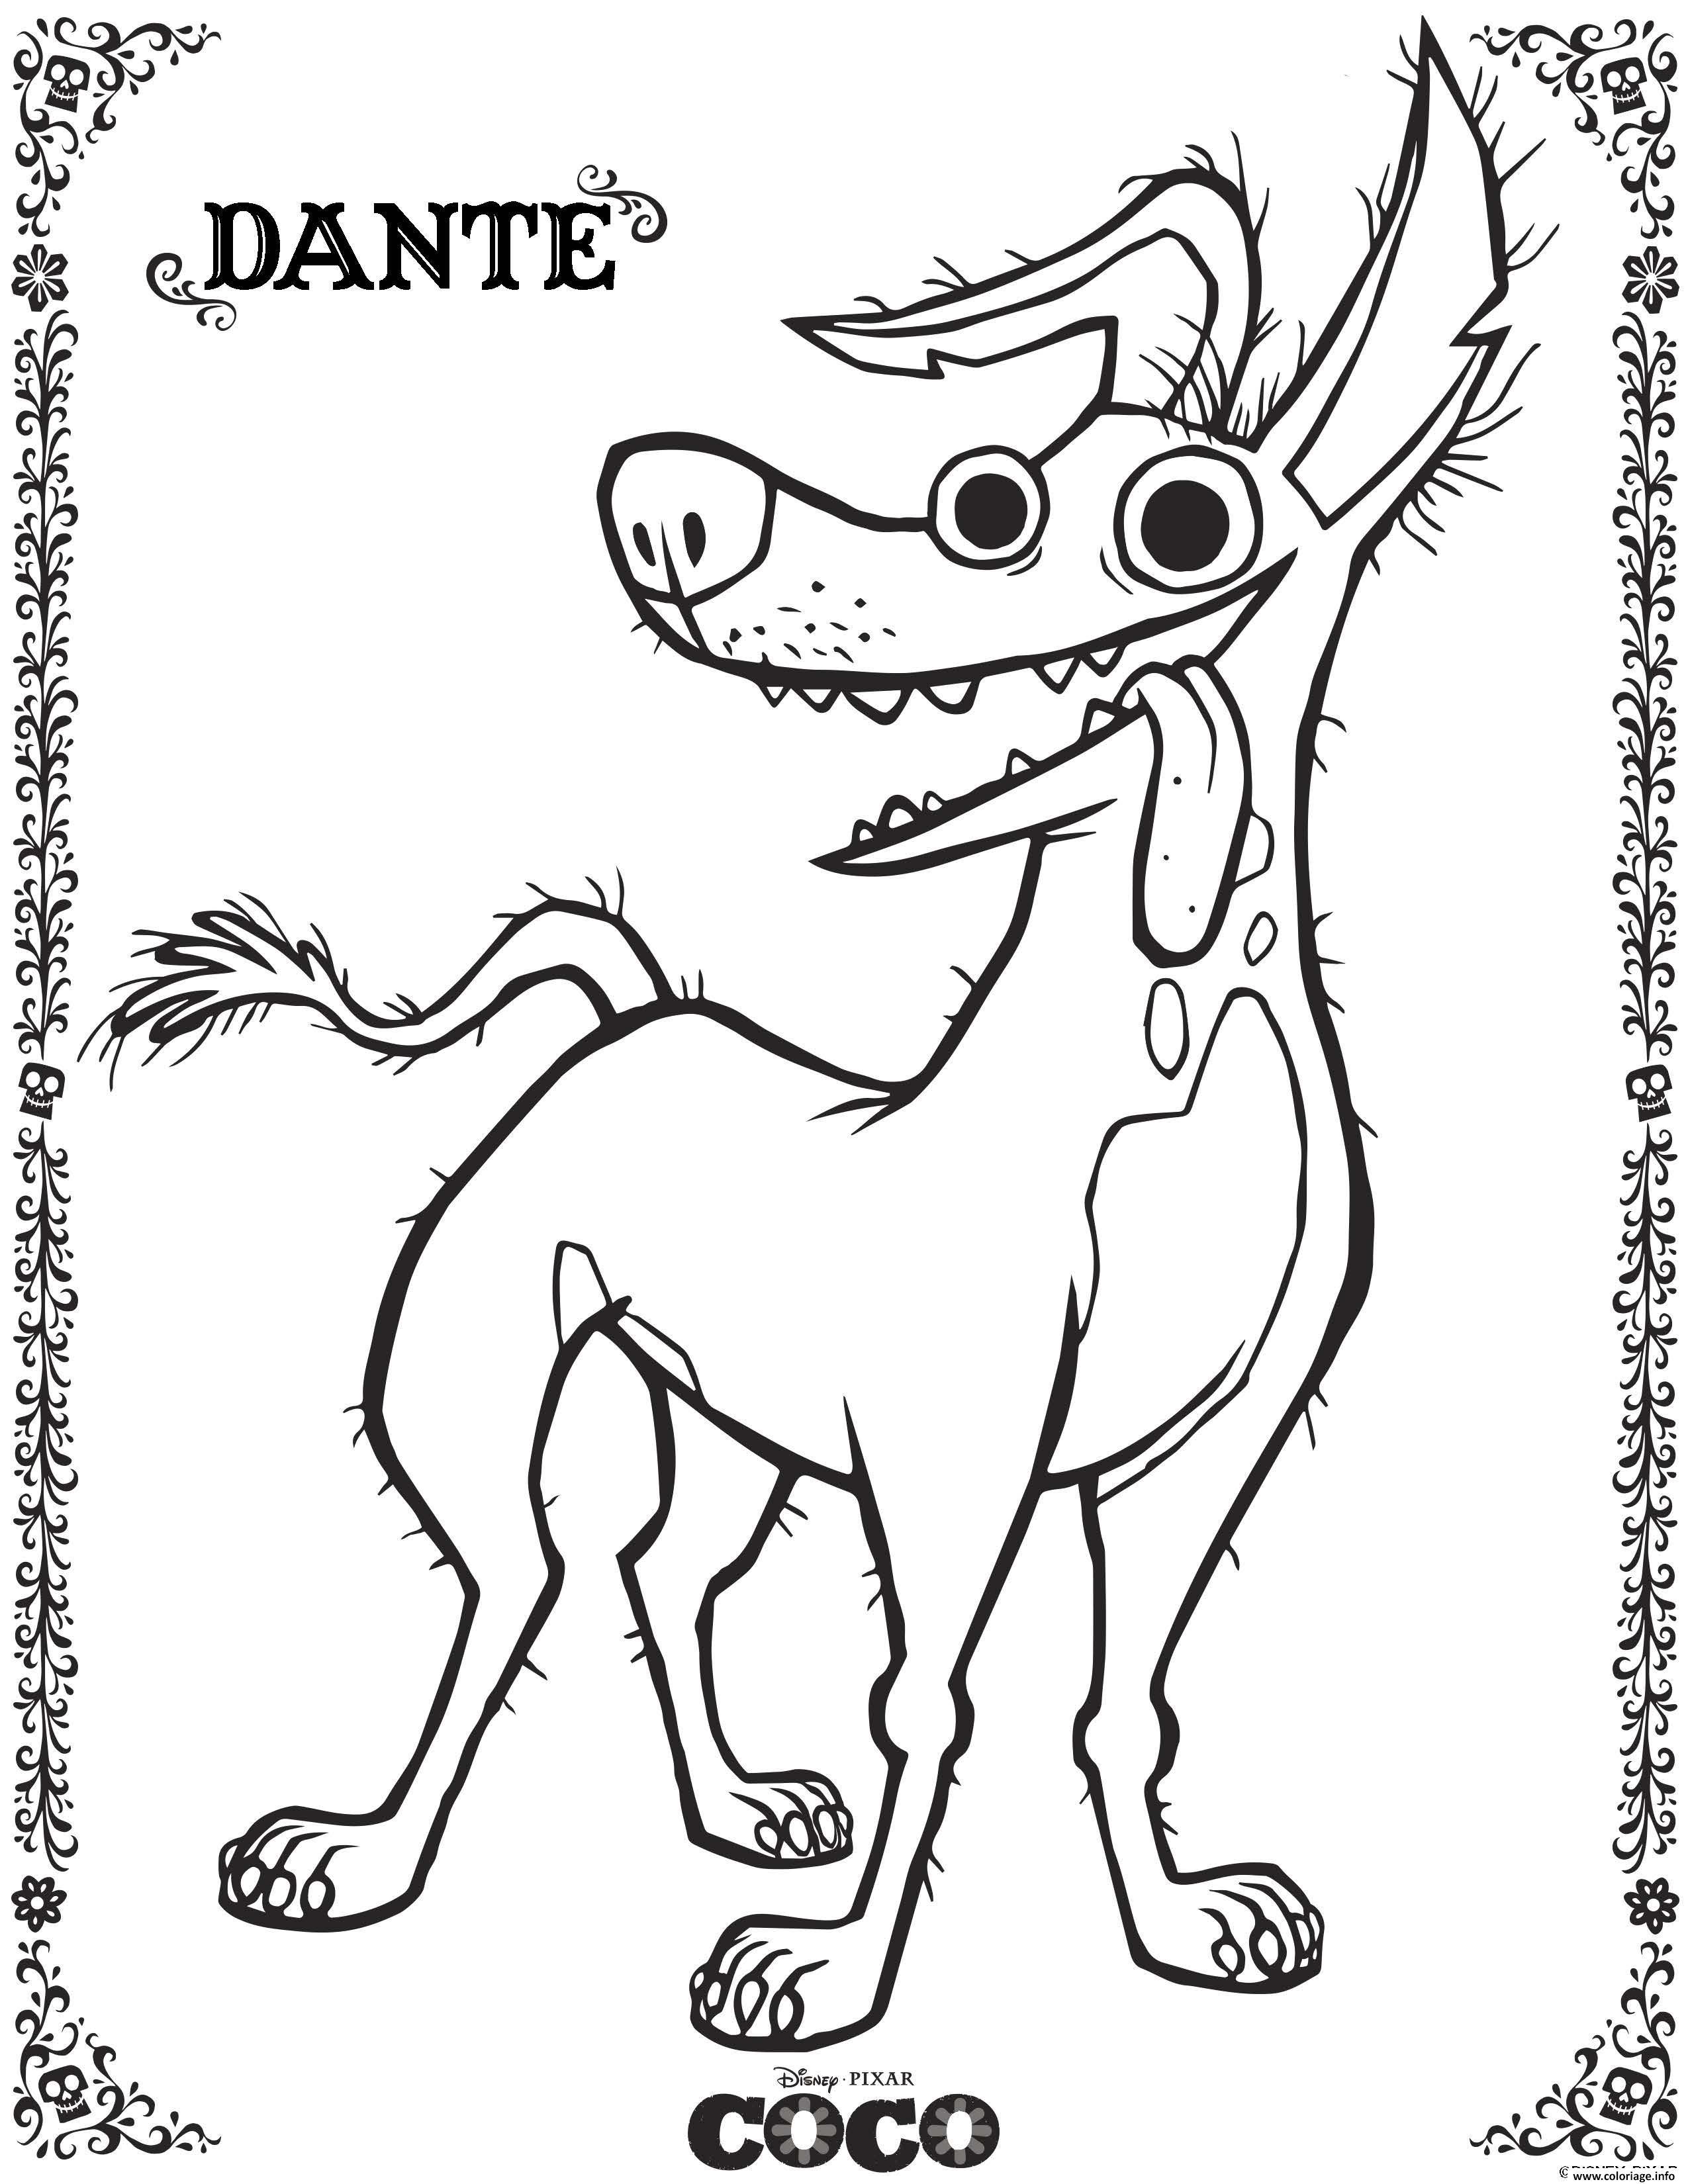 Coloriage Dante 2 Coco Disney dessin